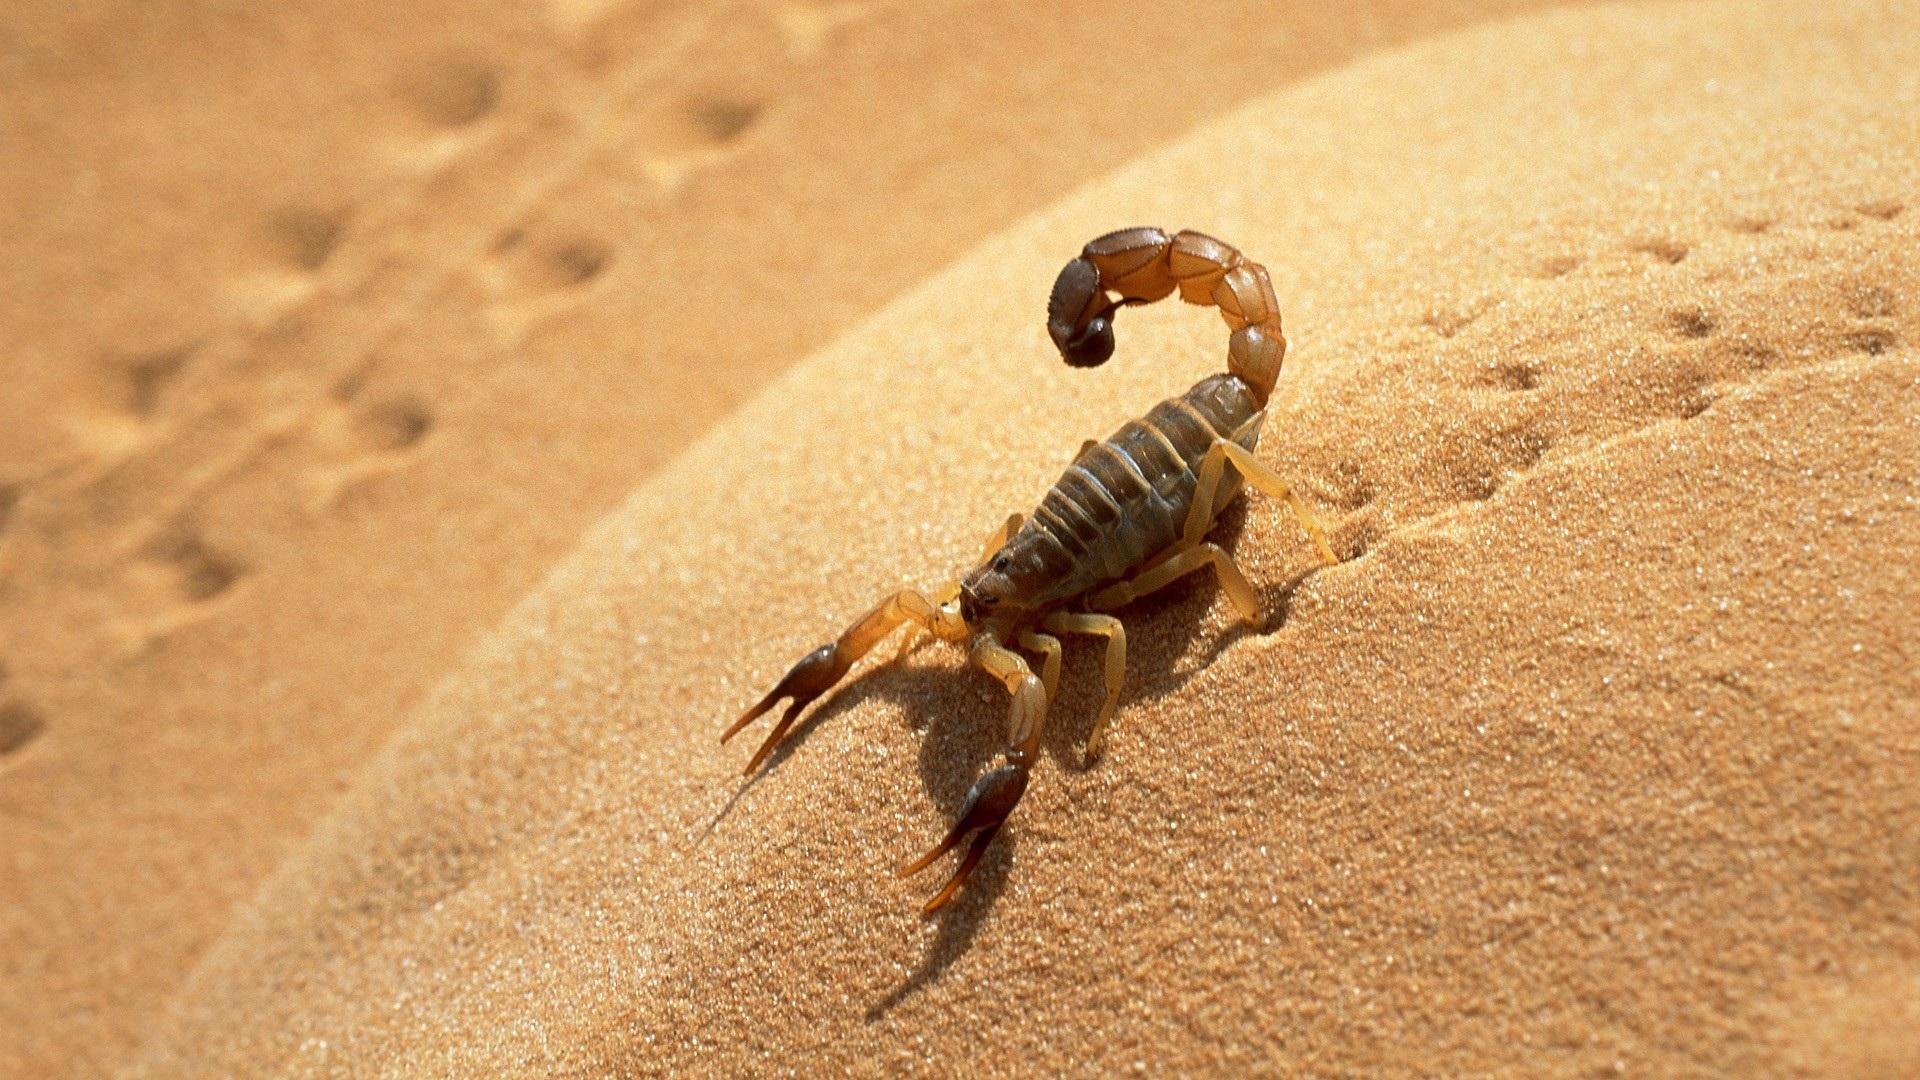 Plan d'action contre les piqûres  de scorpion et morsures de serpent